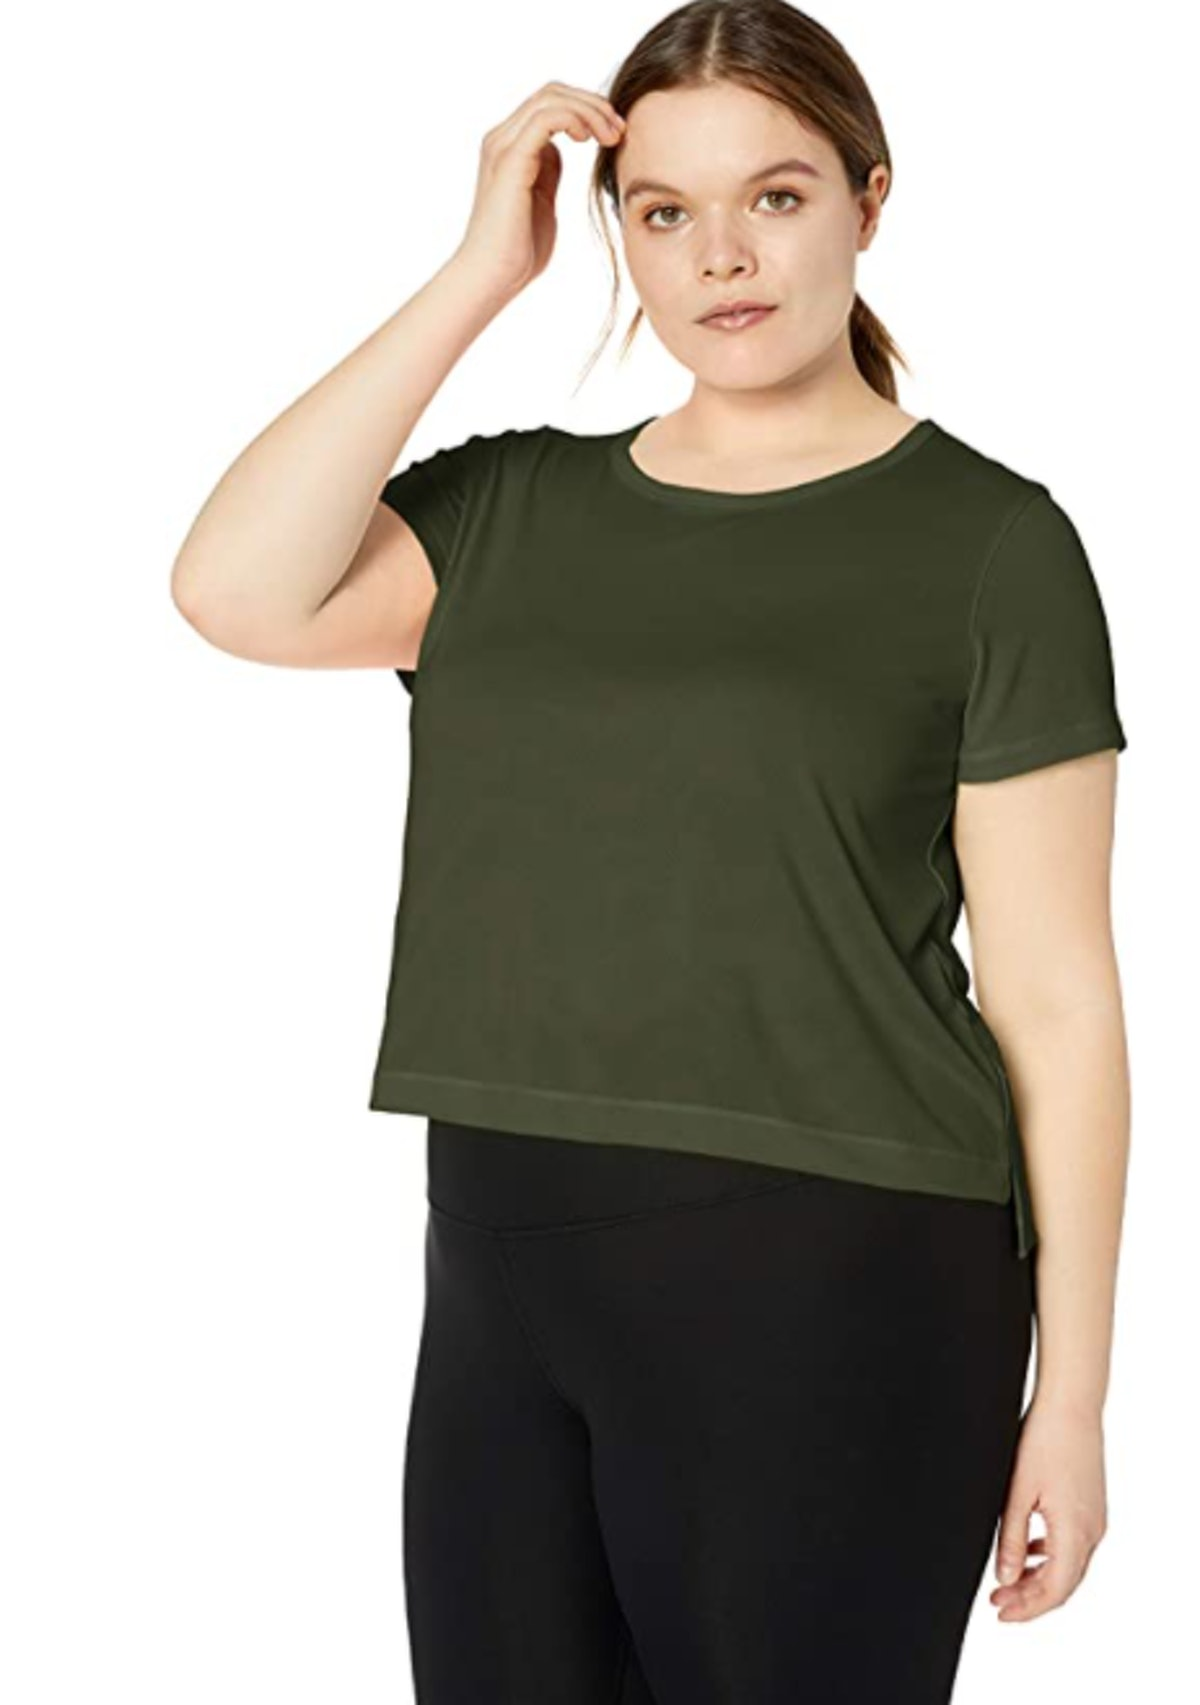 Core 10 Women's Jacquard Mesh Cropped T-Shirt